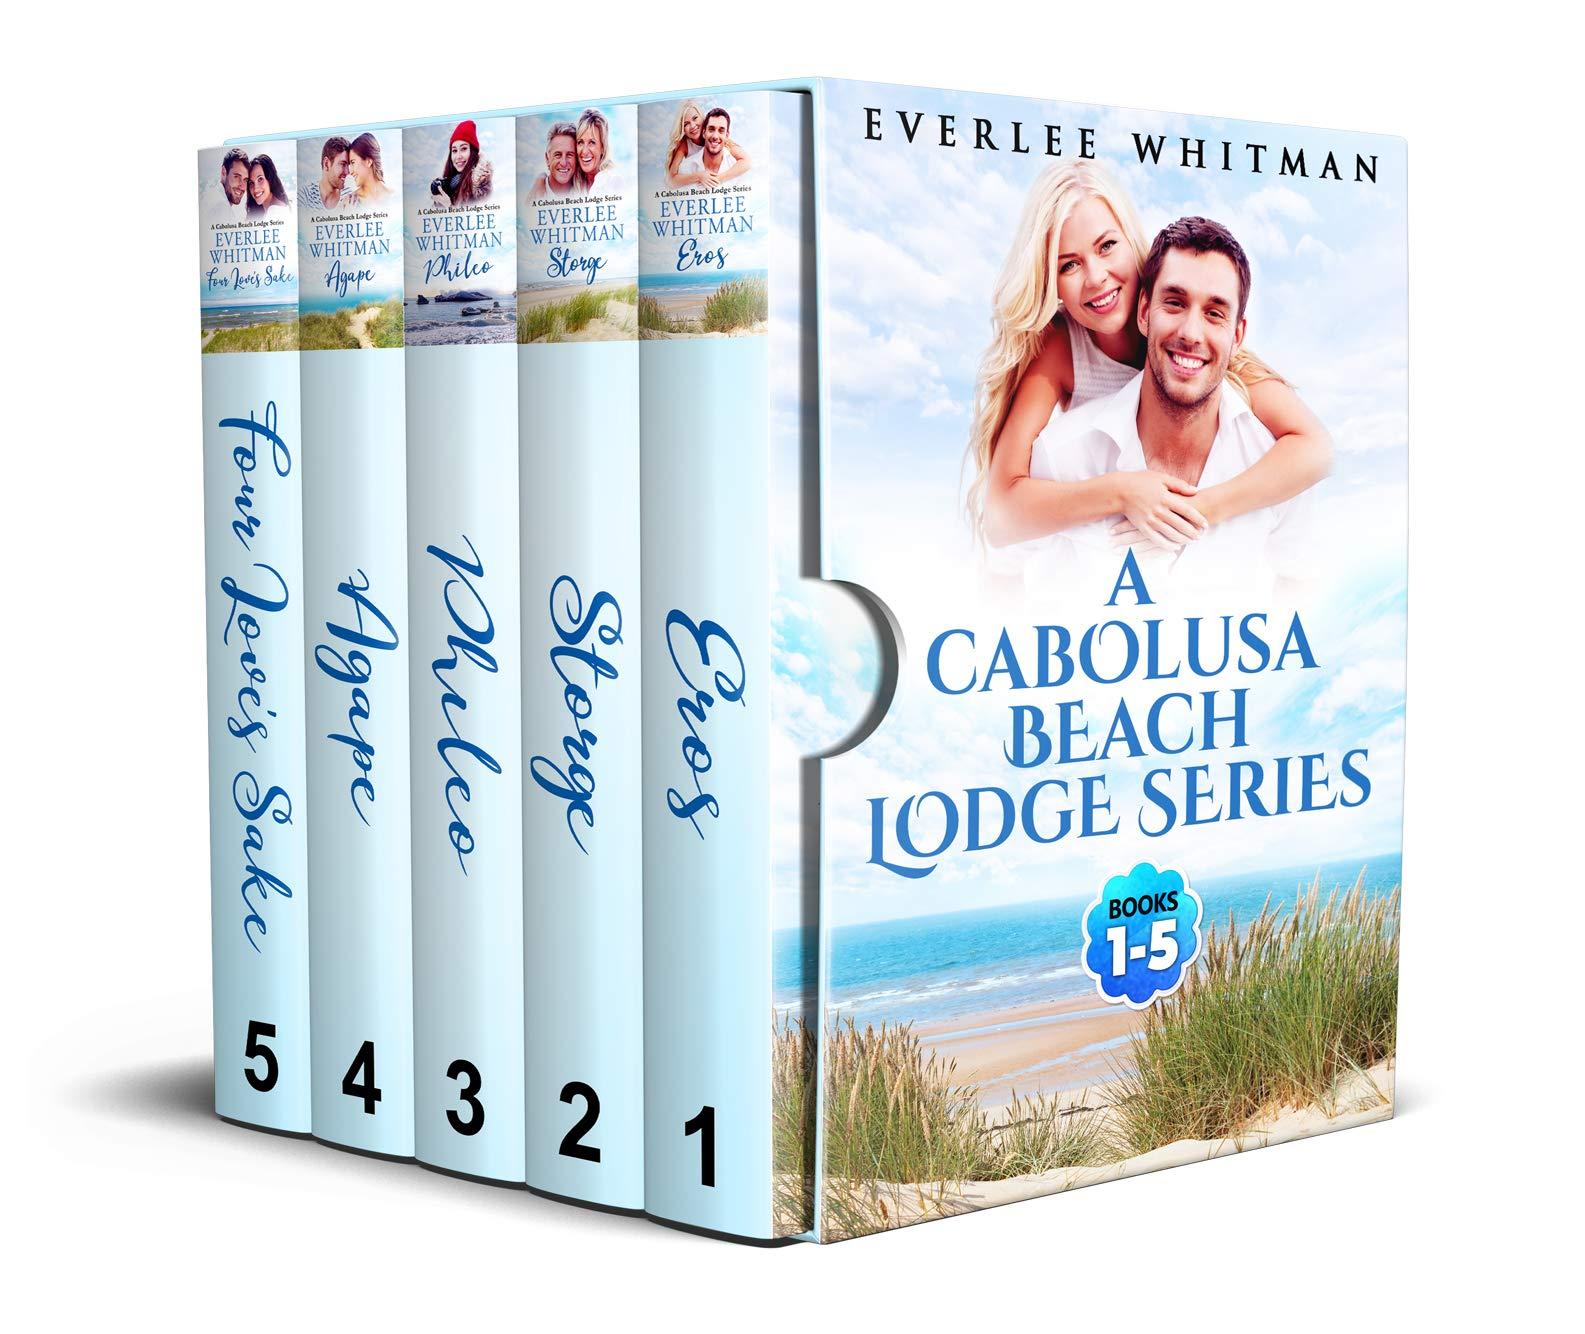 A Cabolusa Beach Lodge Series